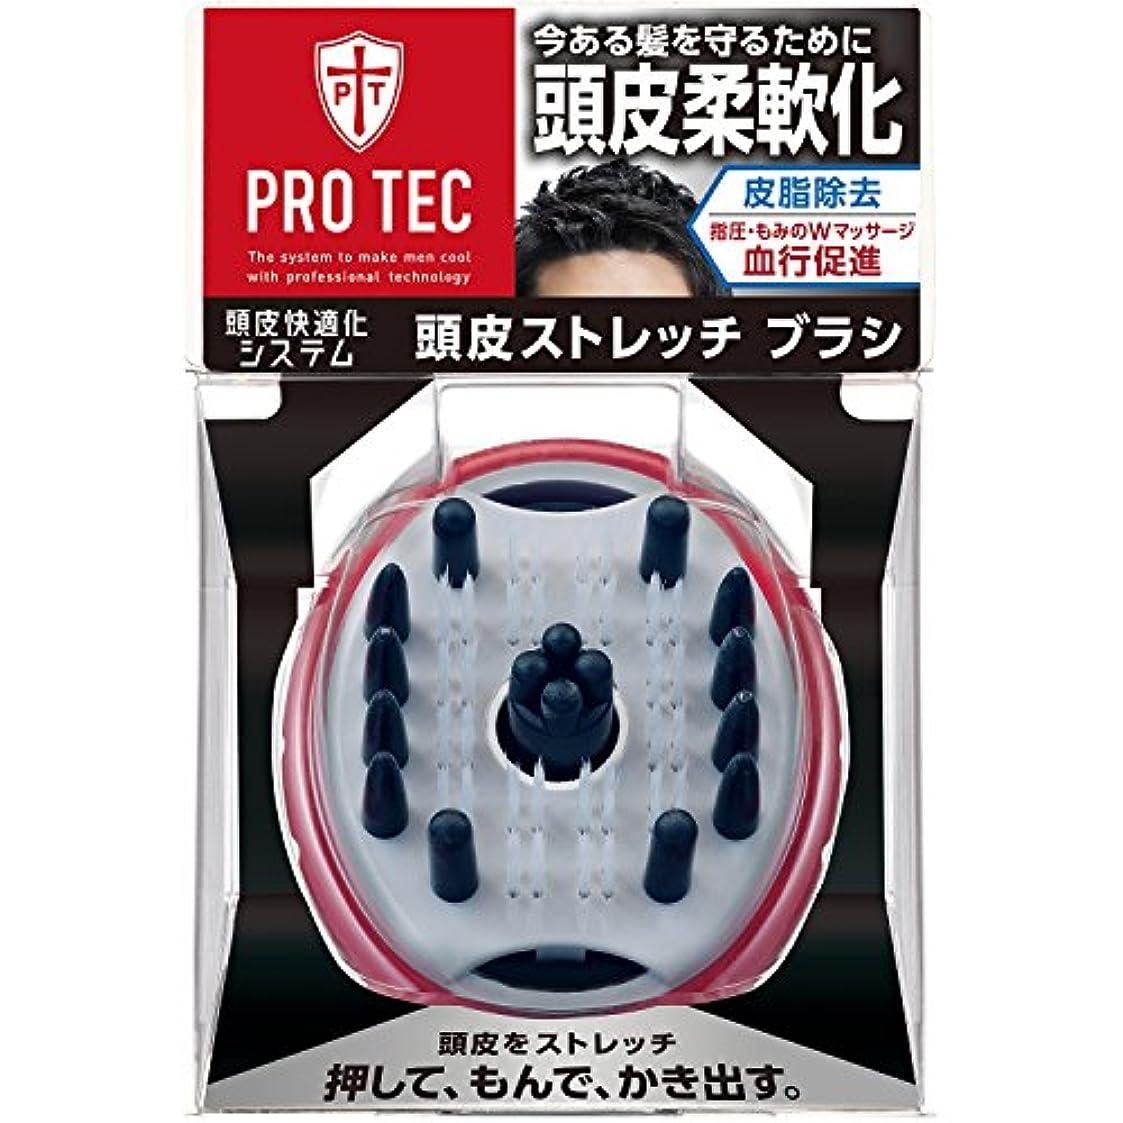 伴う懐疑的くしゃみPRO TEC(プロテク) ウォッシングブラシ 頭皮ストレッチタイプ